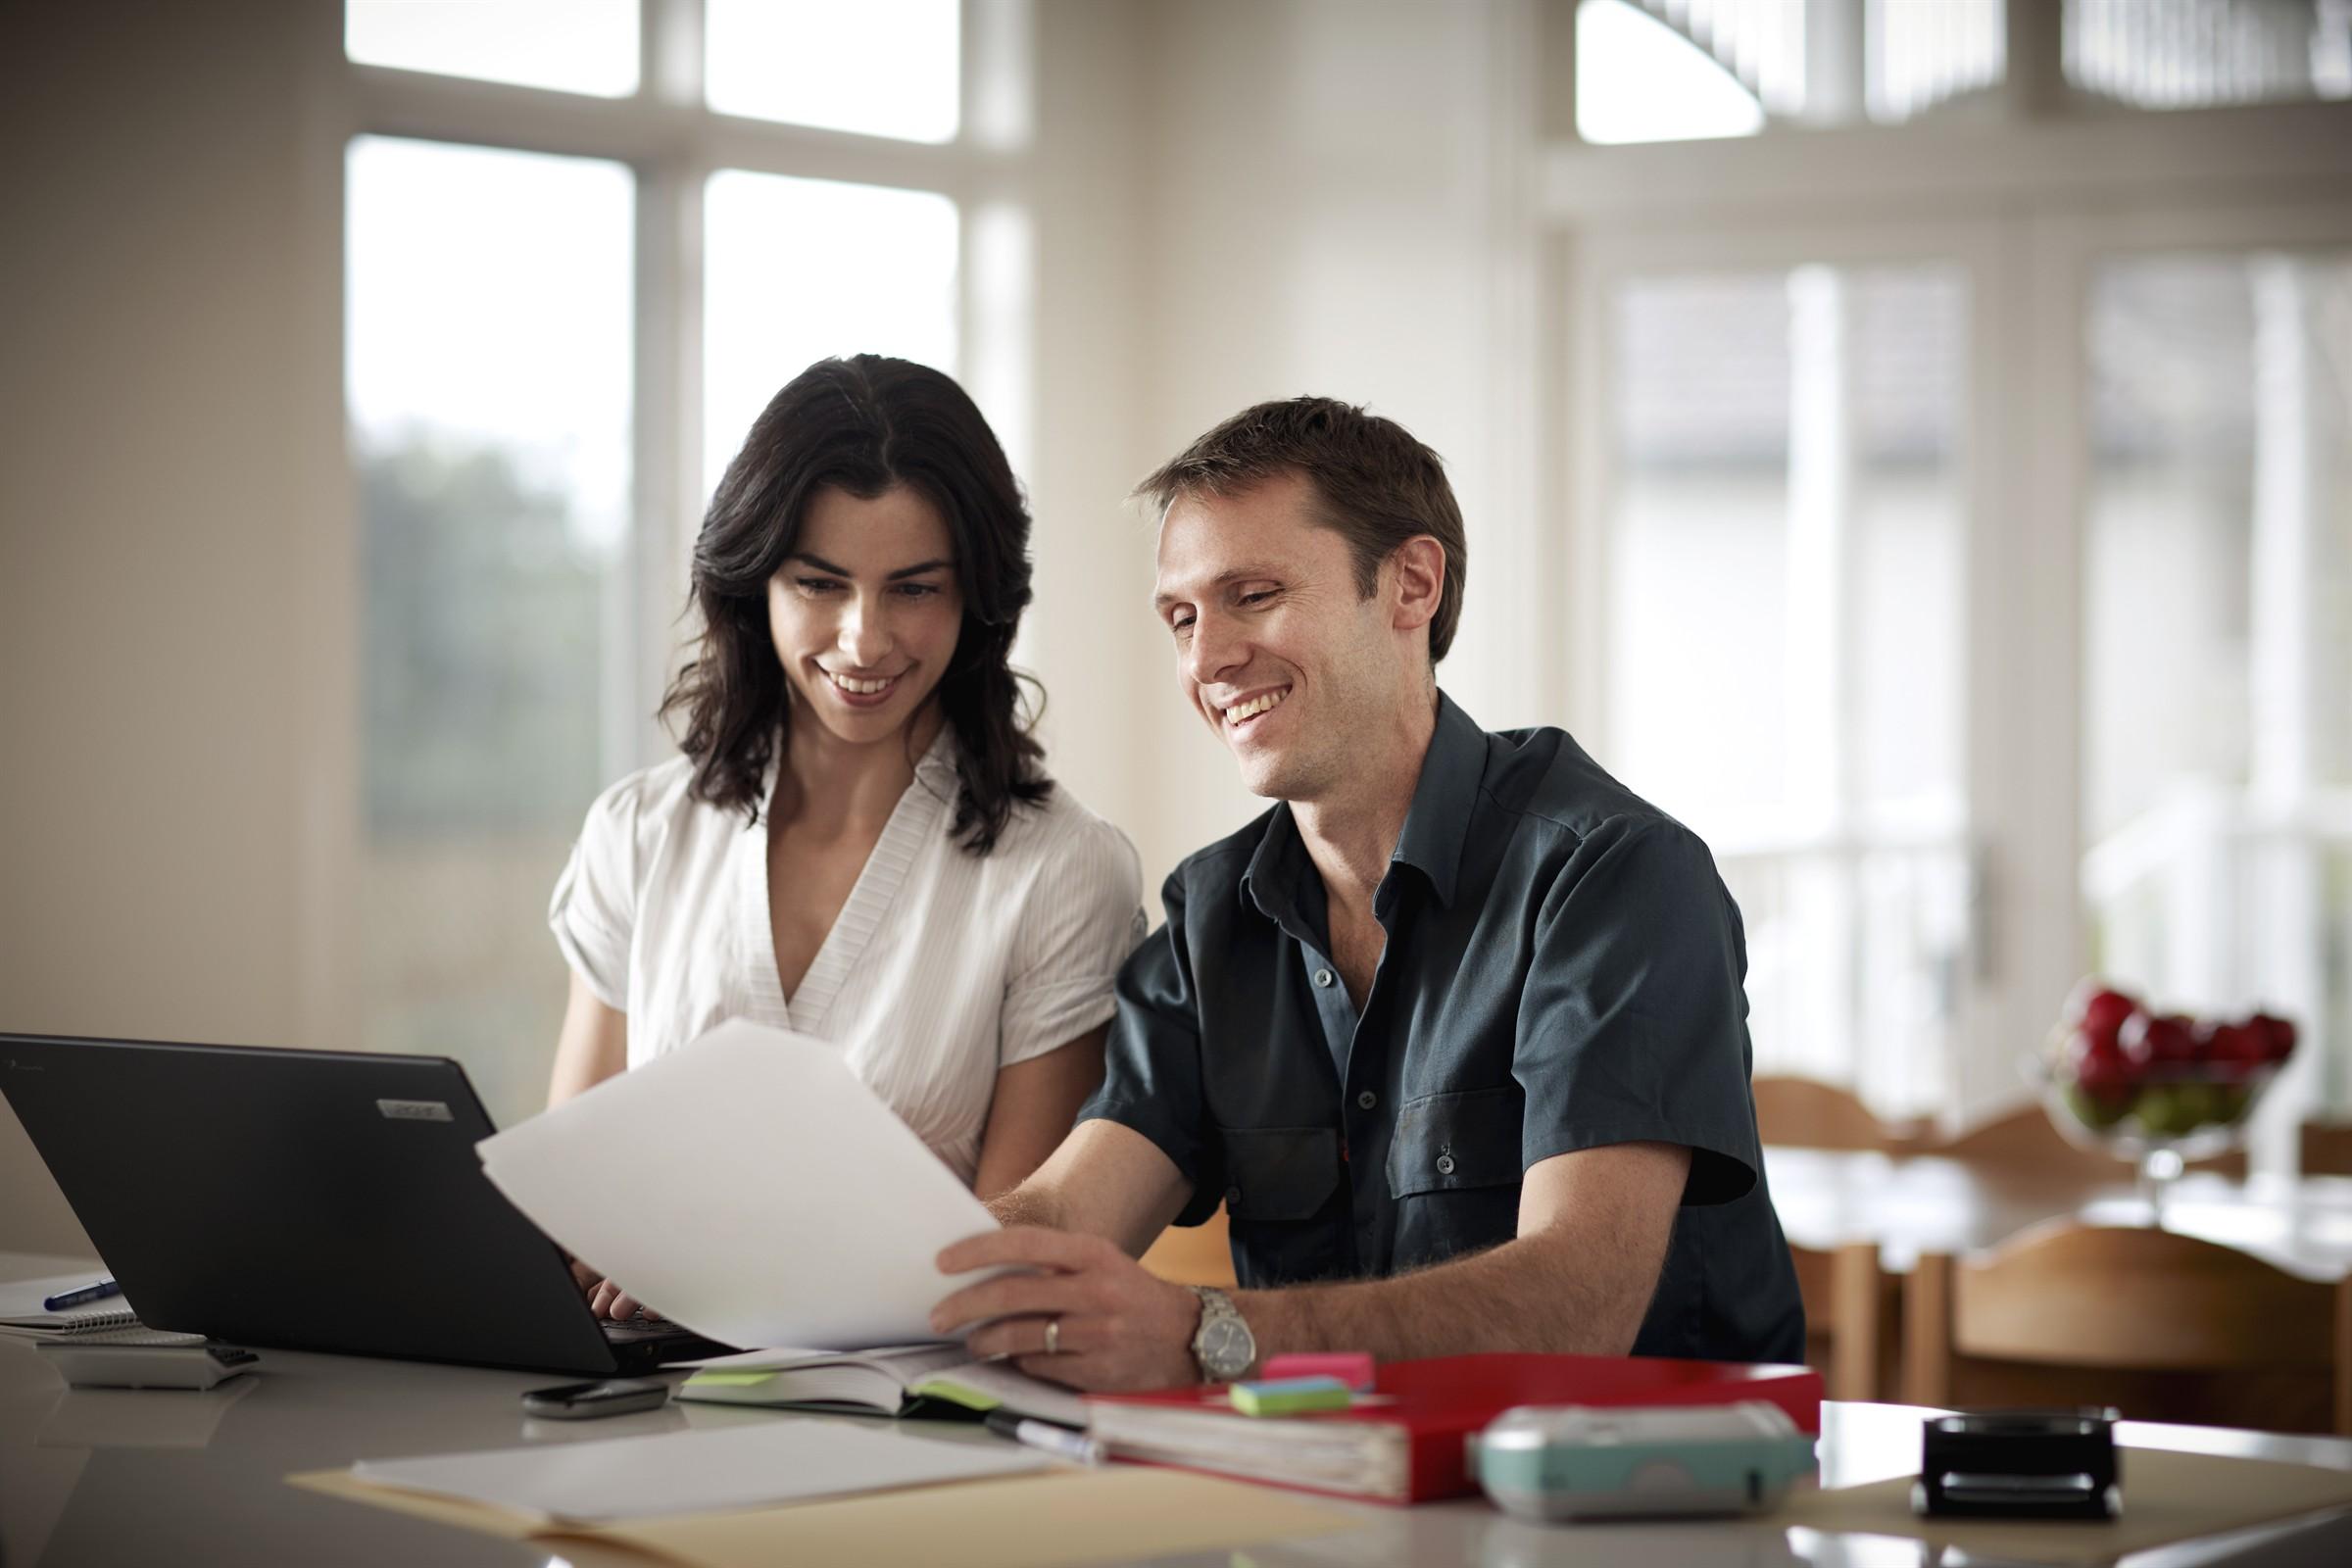 Онлайн-курсы помогут научиться правильно вести бизнес. Фото: auspost.com.au